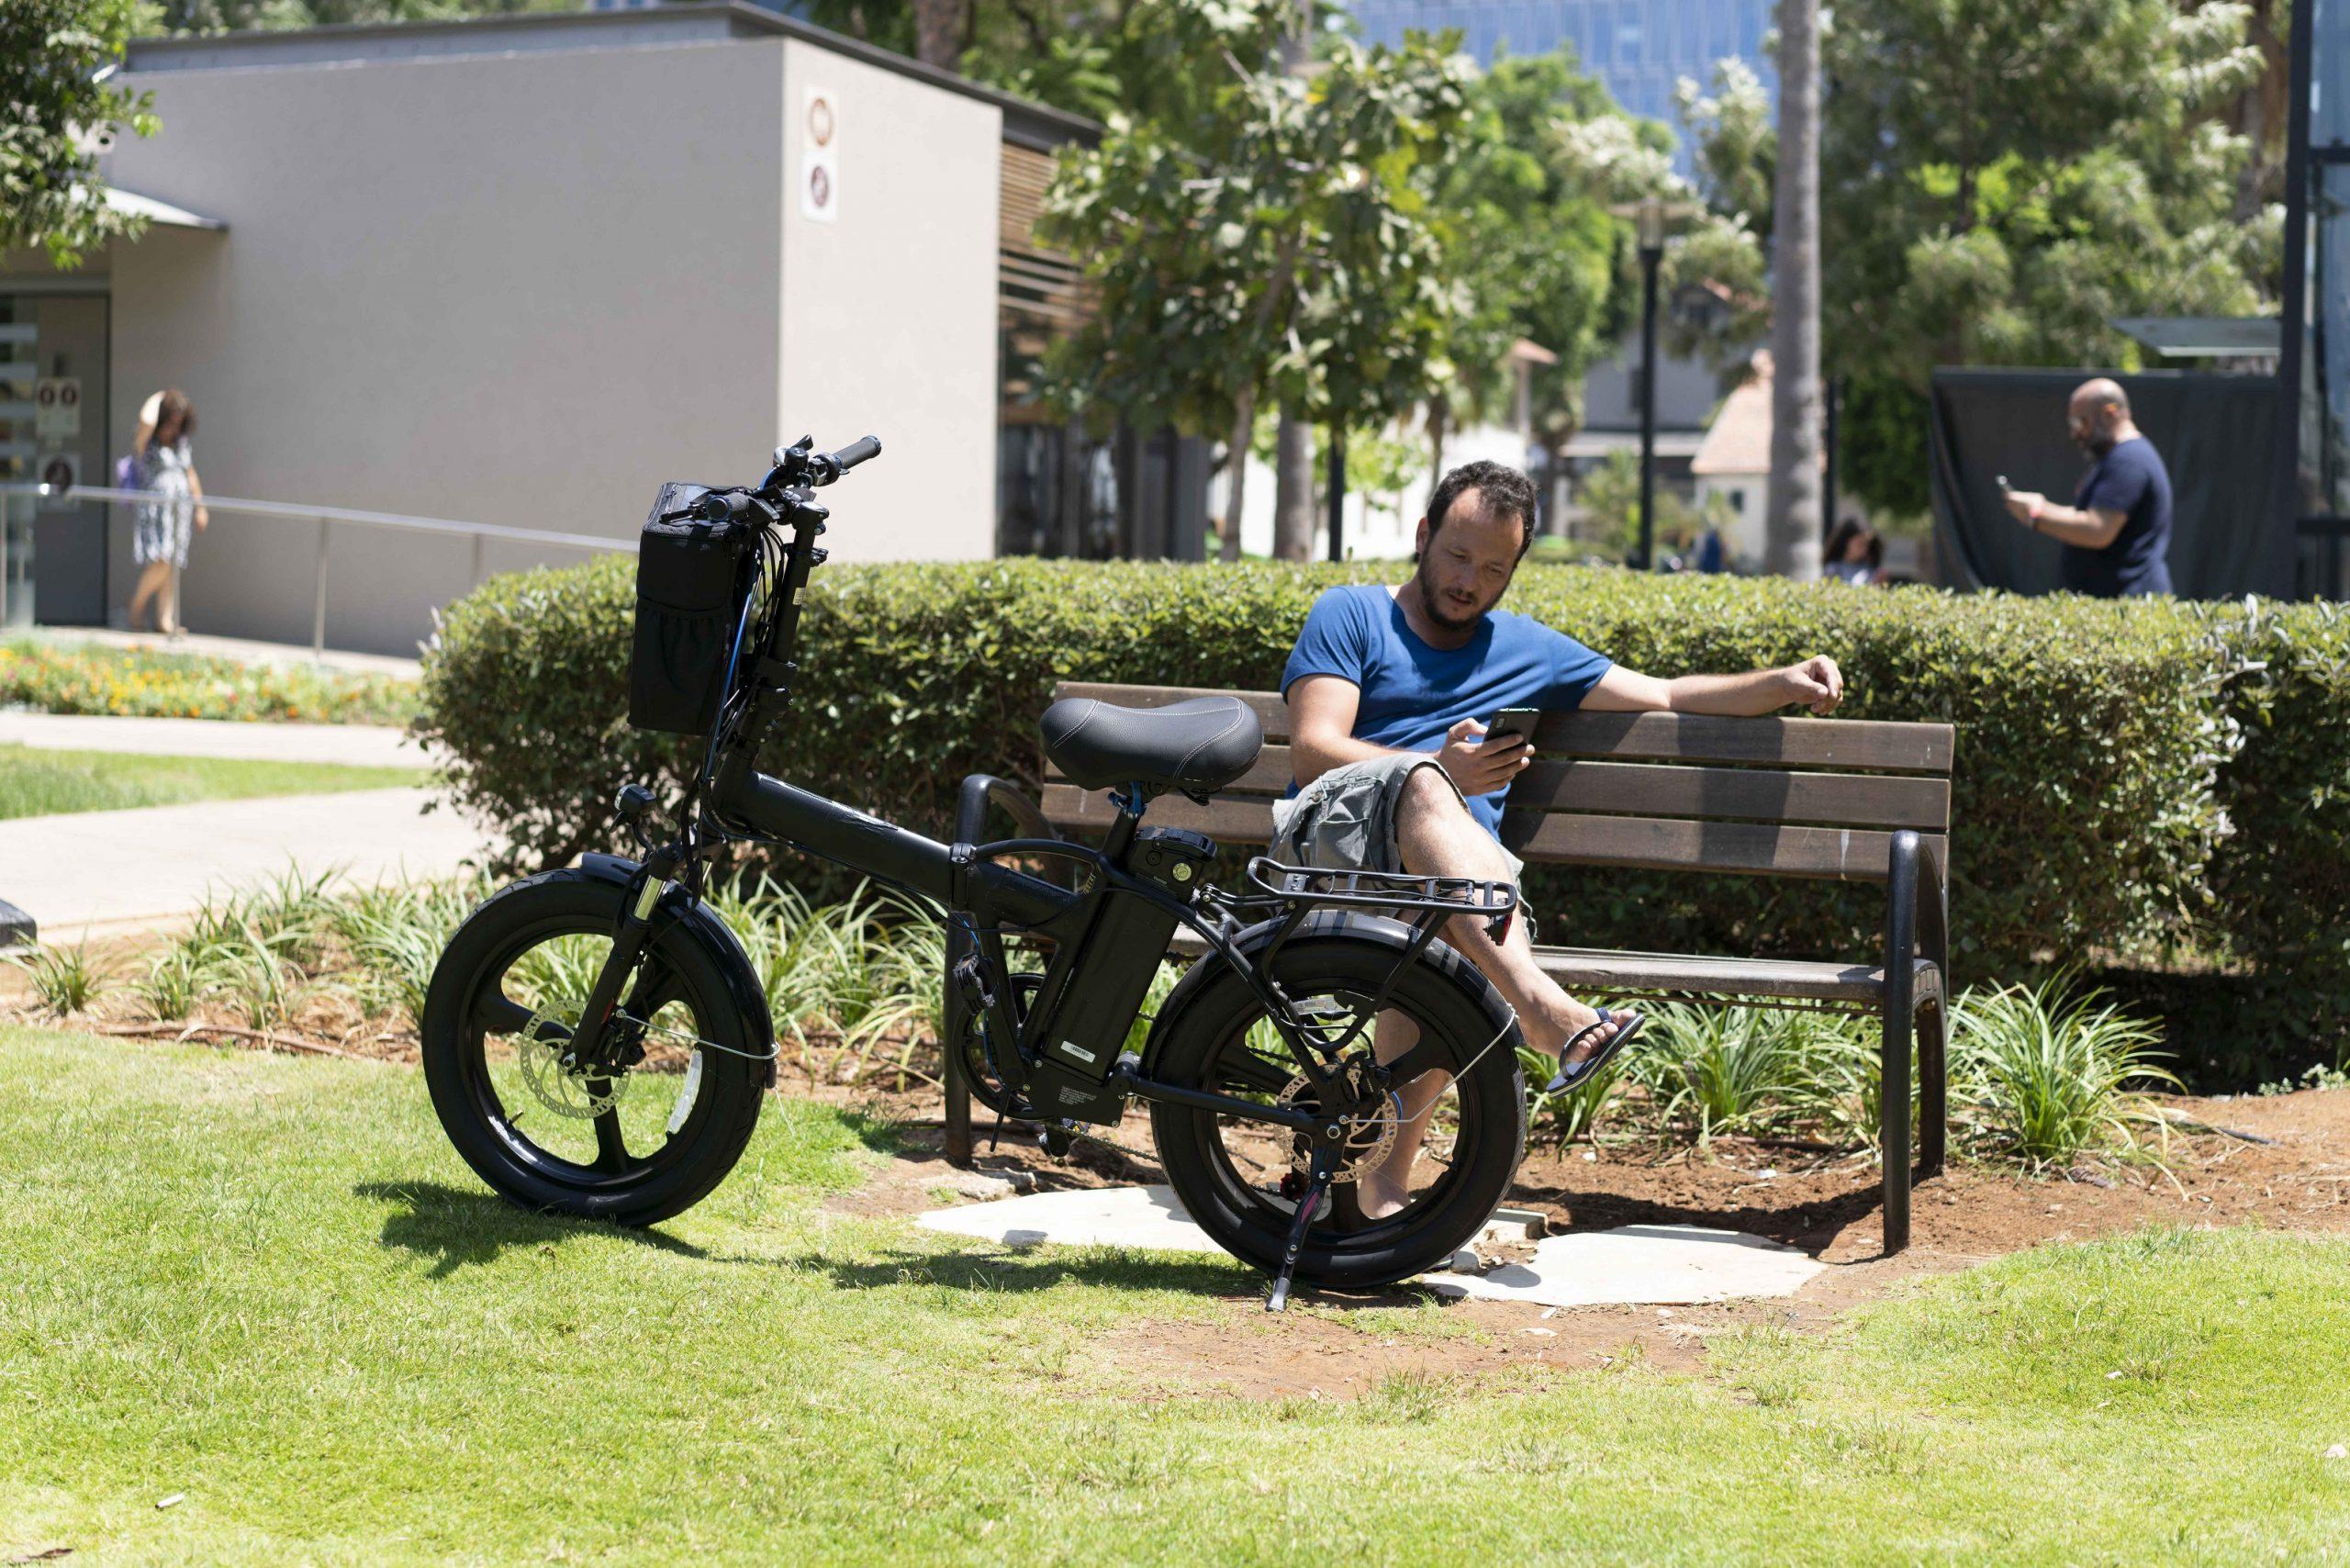 אופניים חשמליים ביגפוט - הקסם של הגלגל הרחב